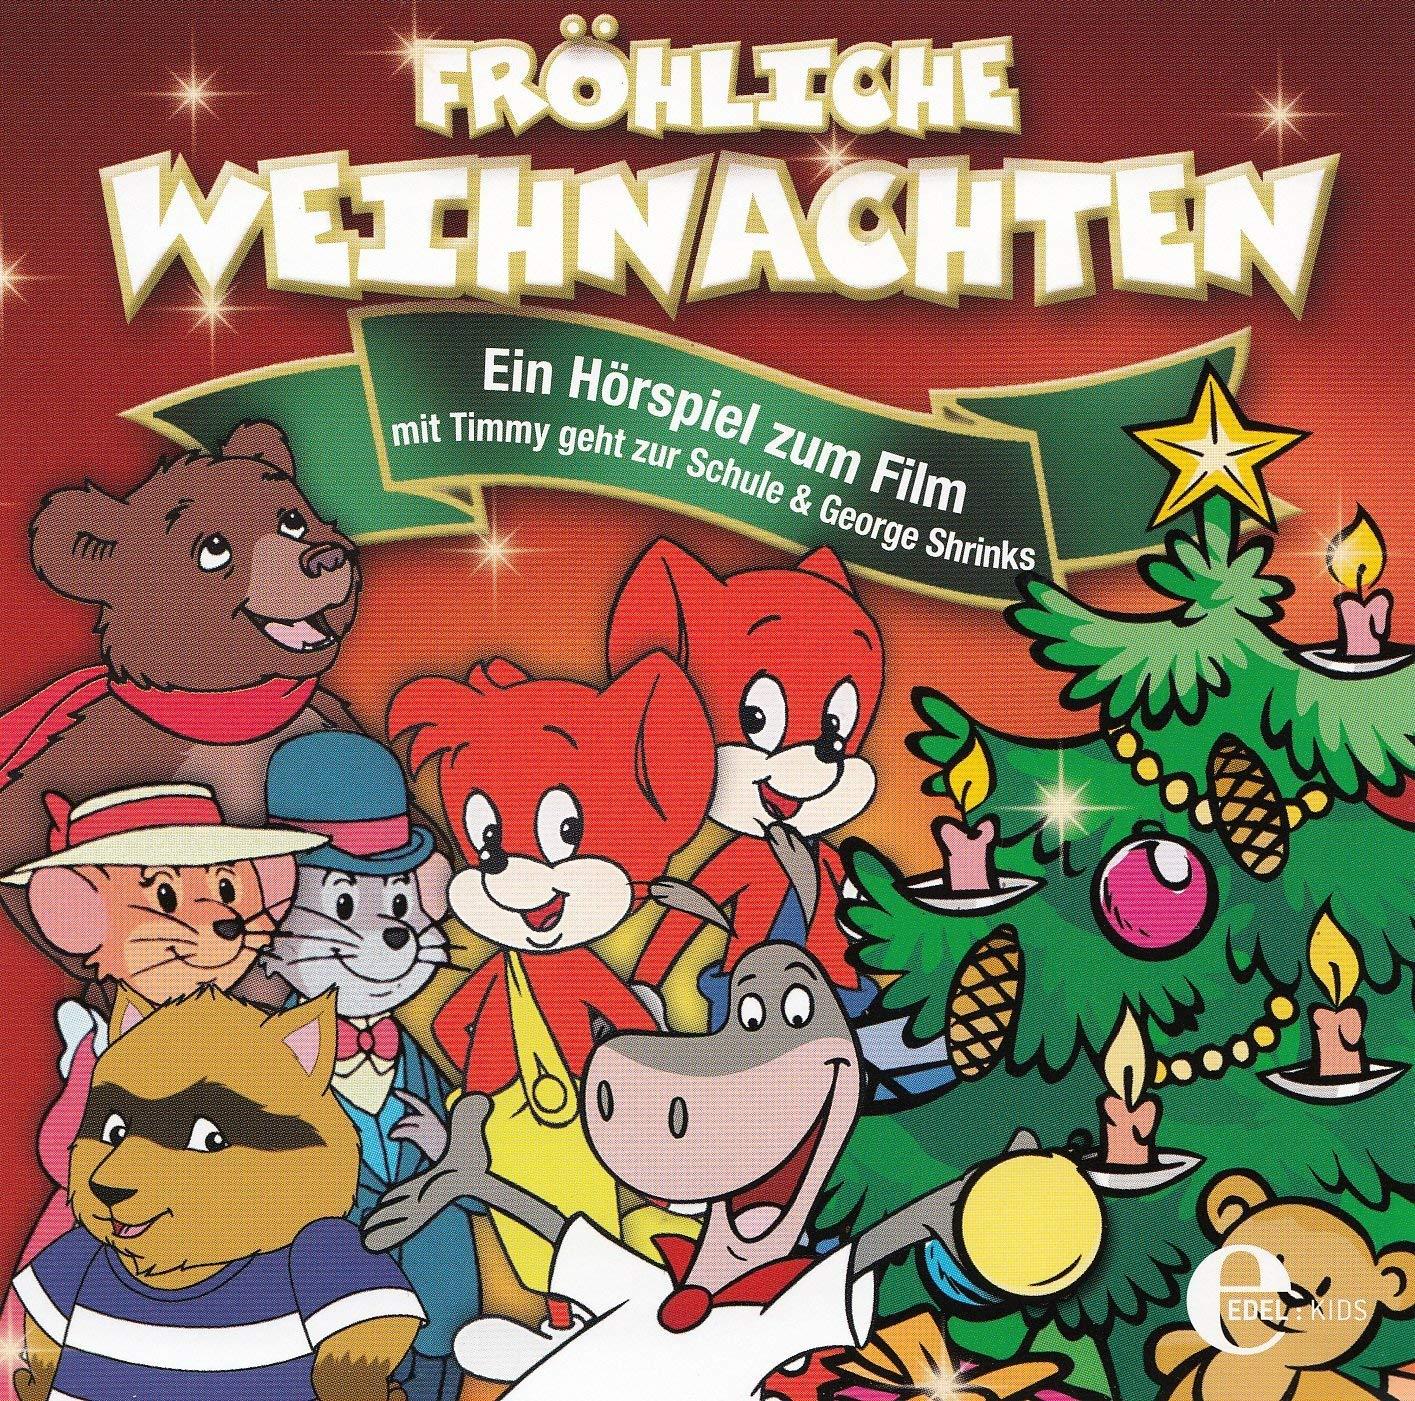 Frohe Weihnachten Film.Fröhliche Weihnachten Hörspiel Zum Film Mit Timmy Geht Zur Schule Georg Shrinks